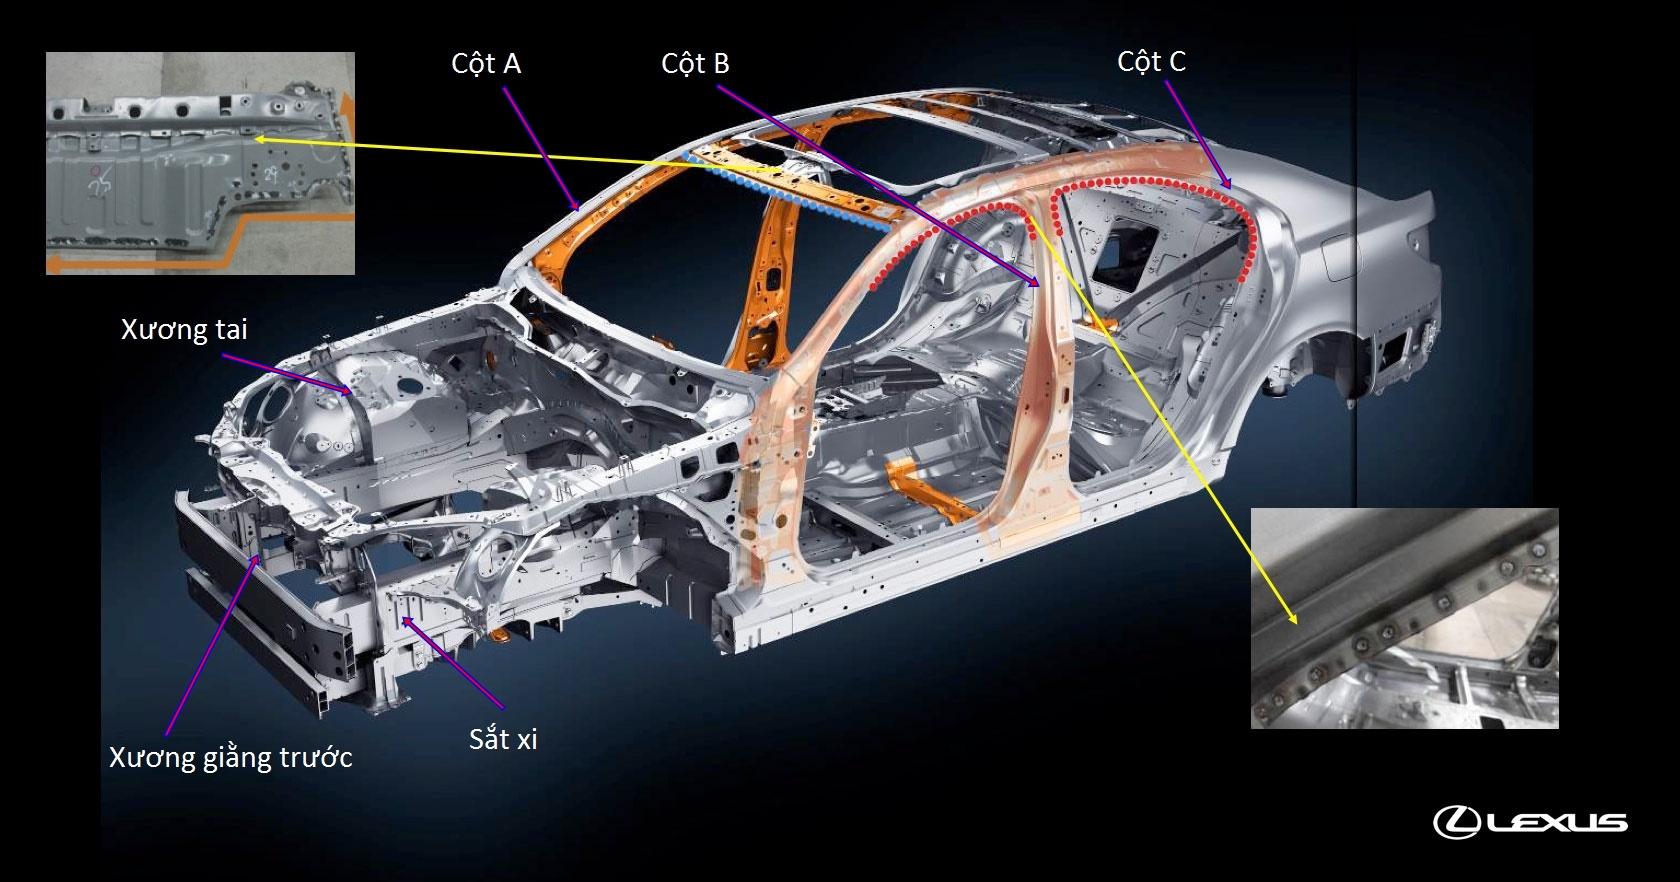 Kinh nghiệm kiểm tra ô tô cũ – phần 1: kiểm tra xe tai nạn (bước 3)